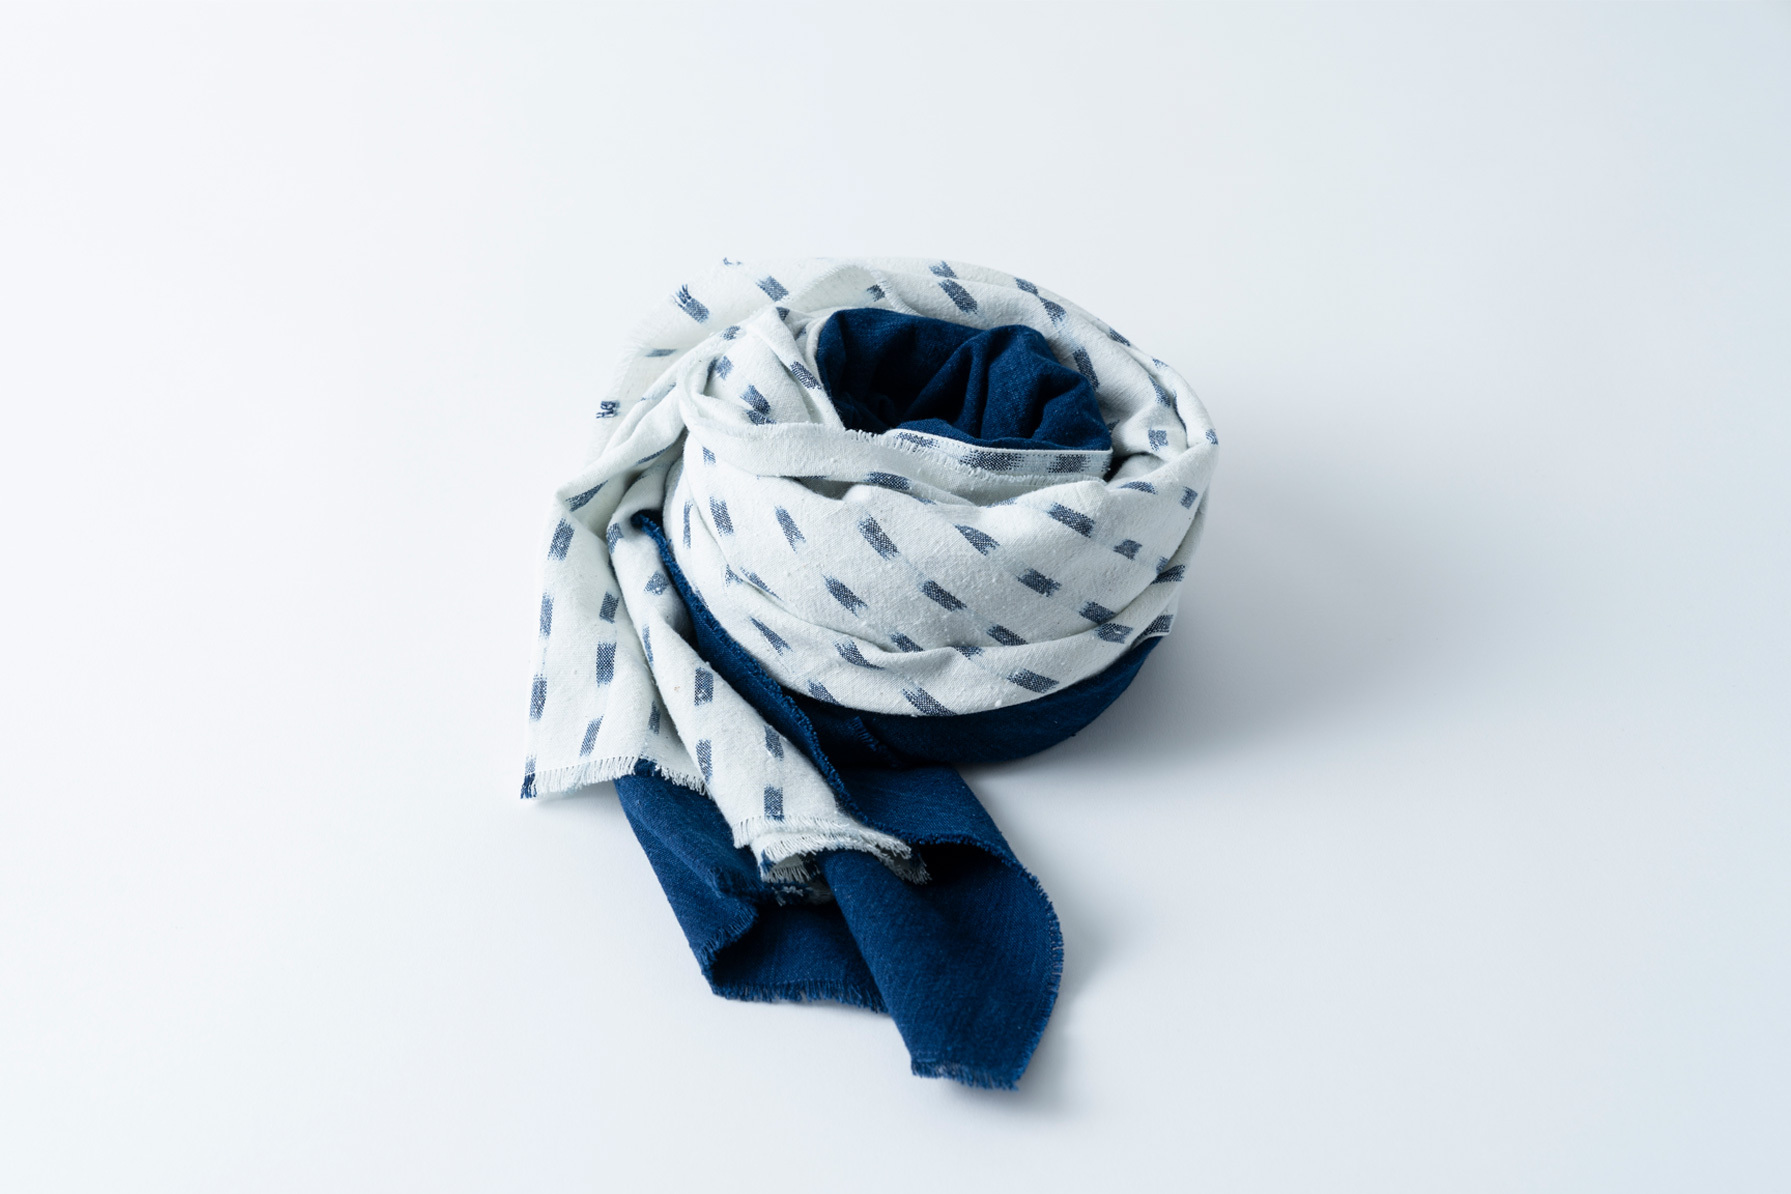 008. 渚 × 藍 - bicolour seashore | stole